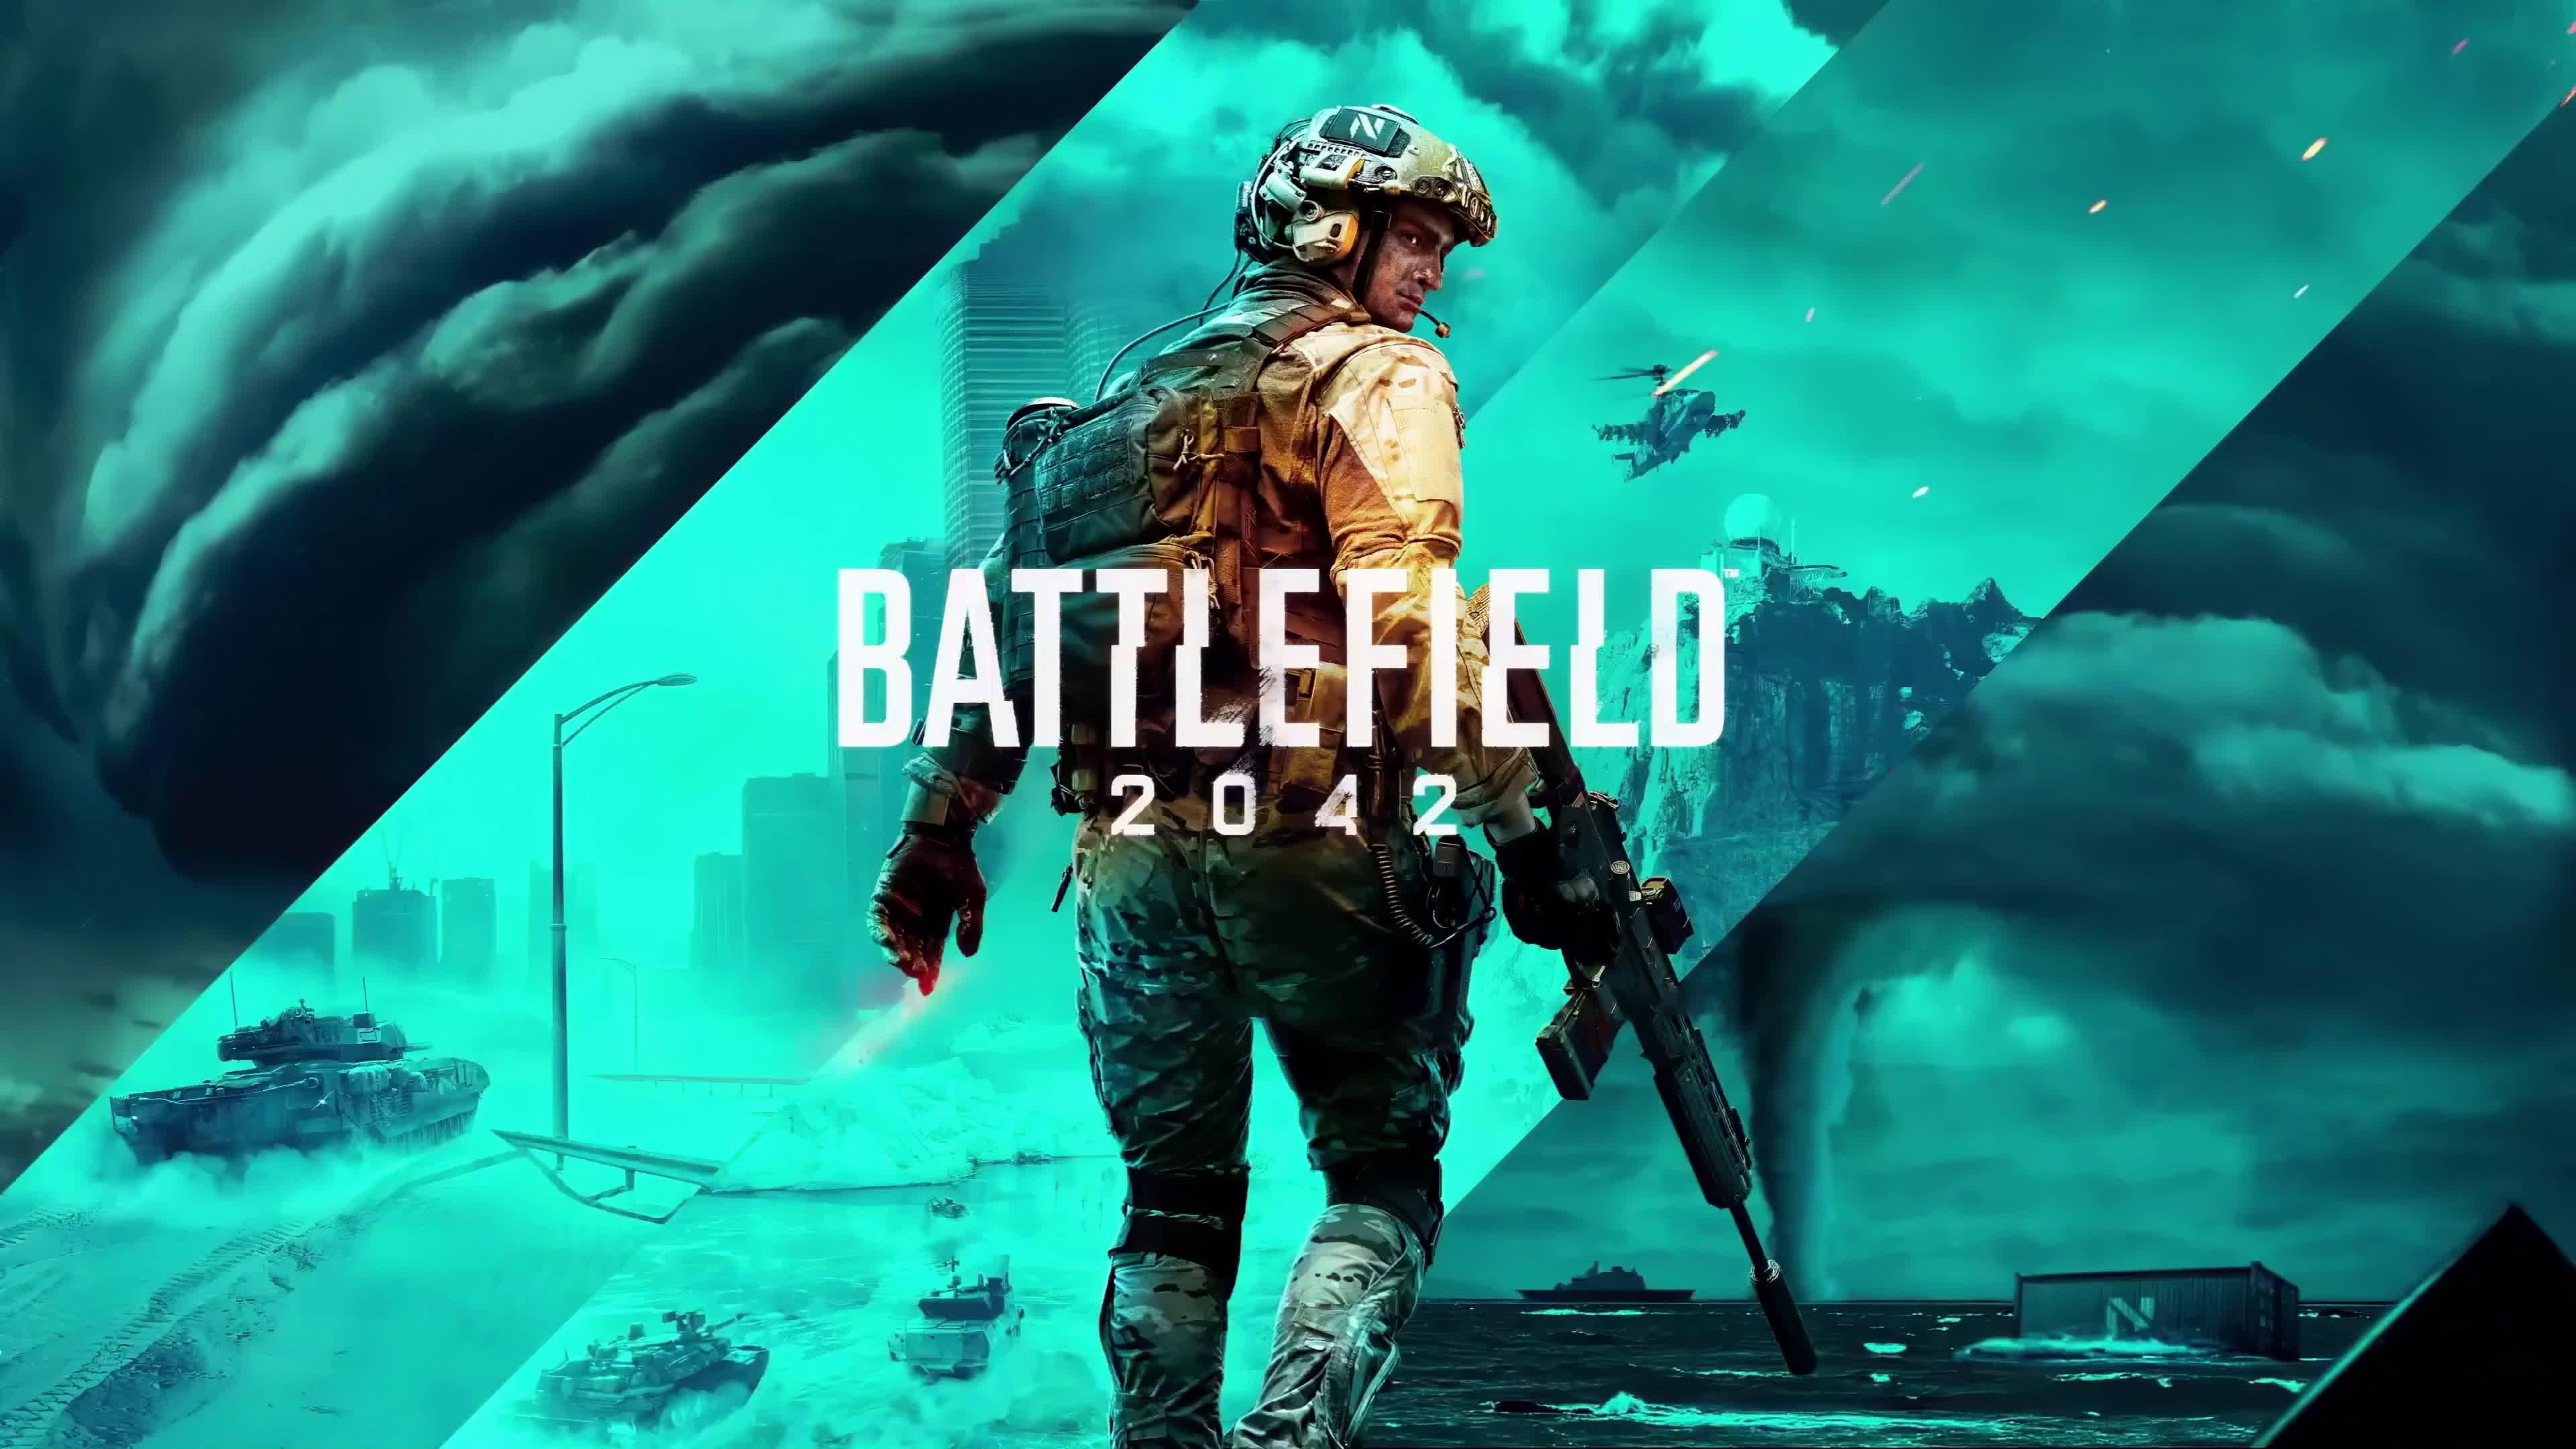 Battlefield 2042 Game 4K Live Wallpaper   Desktophutcom 3840x2160